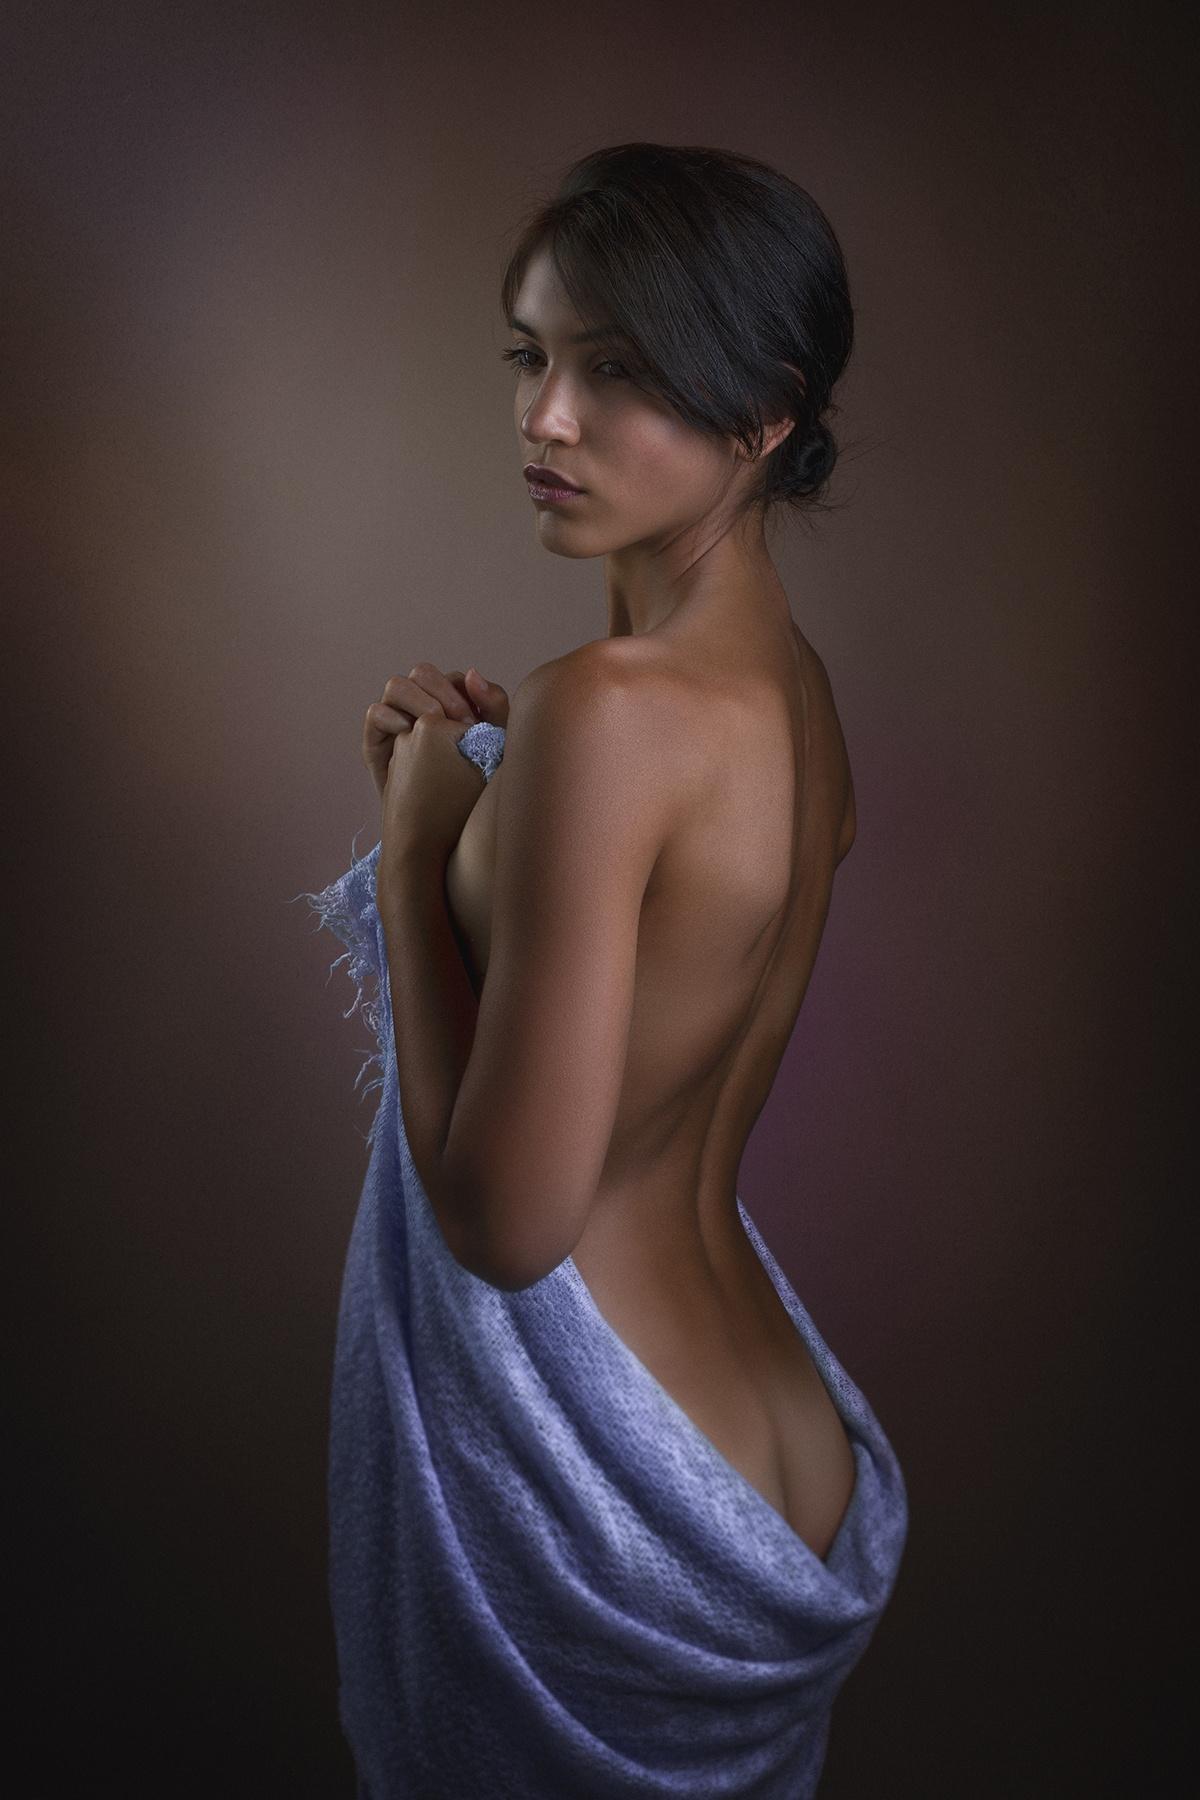 Taller de desnudo artístico en estudio - Taller desnudo artístico en estudio